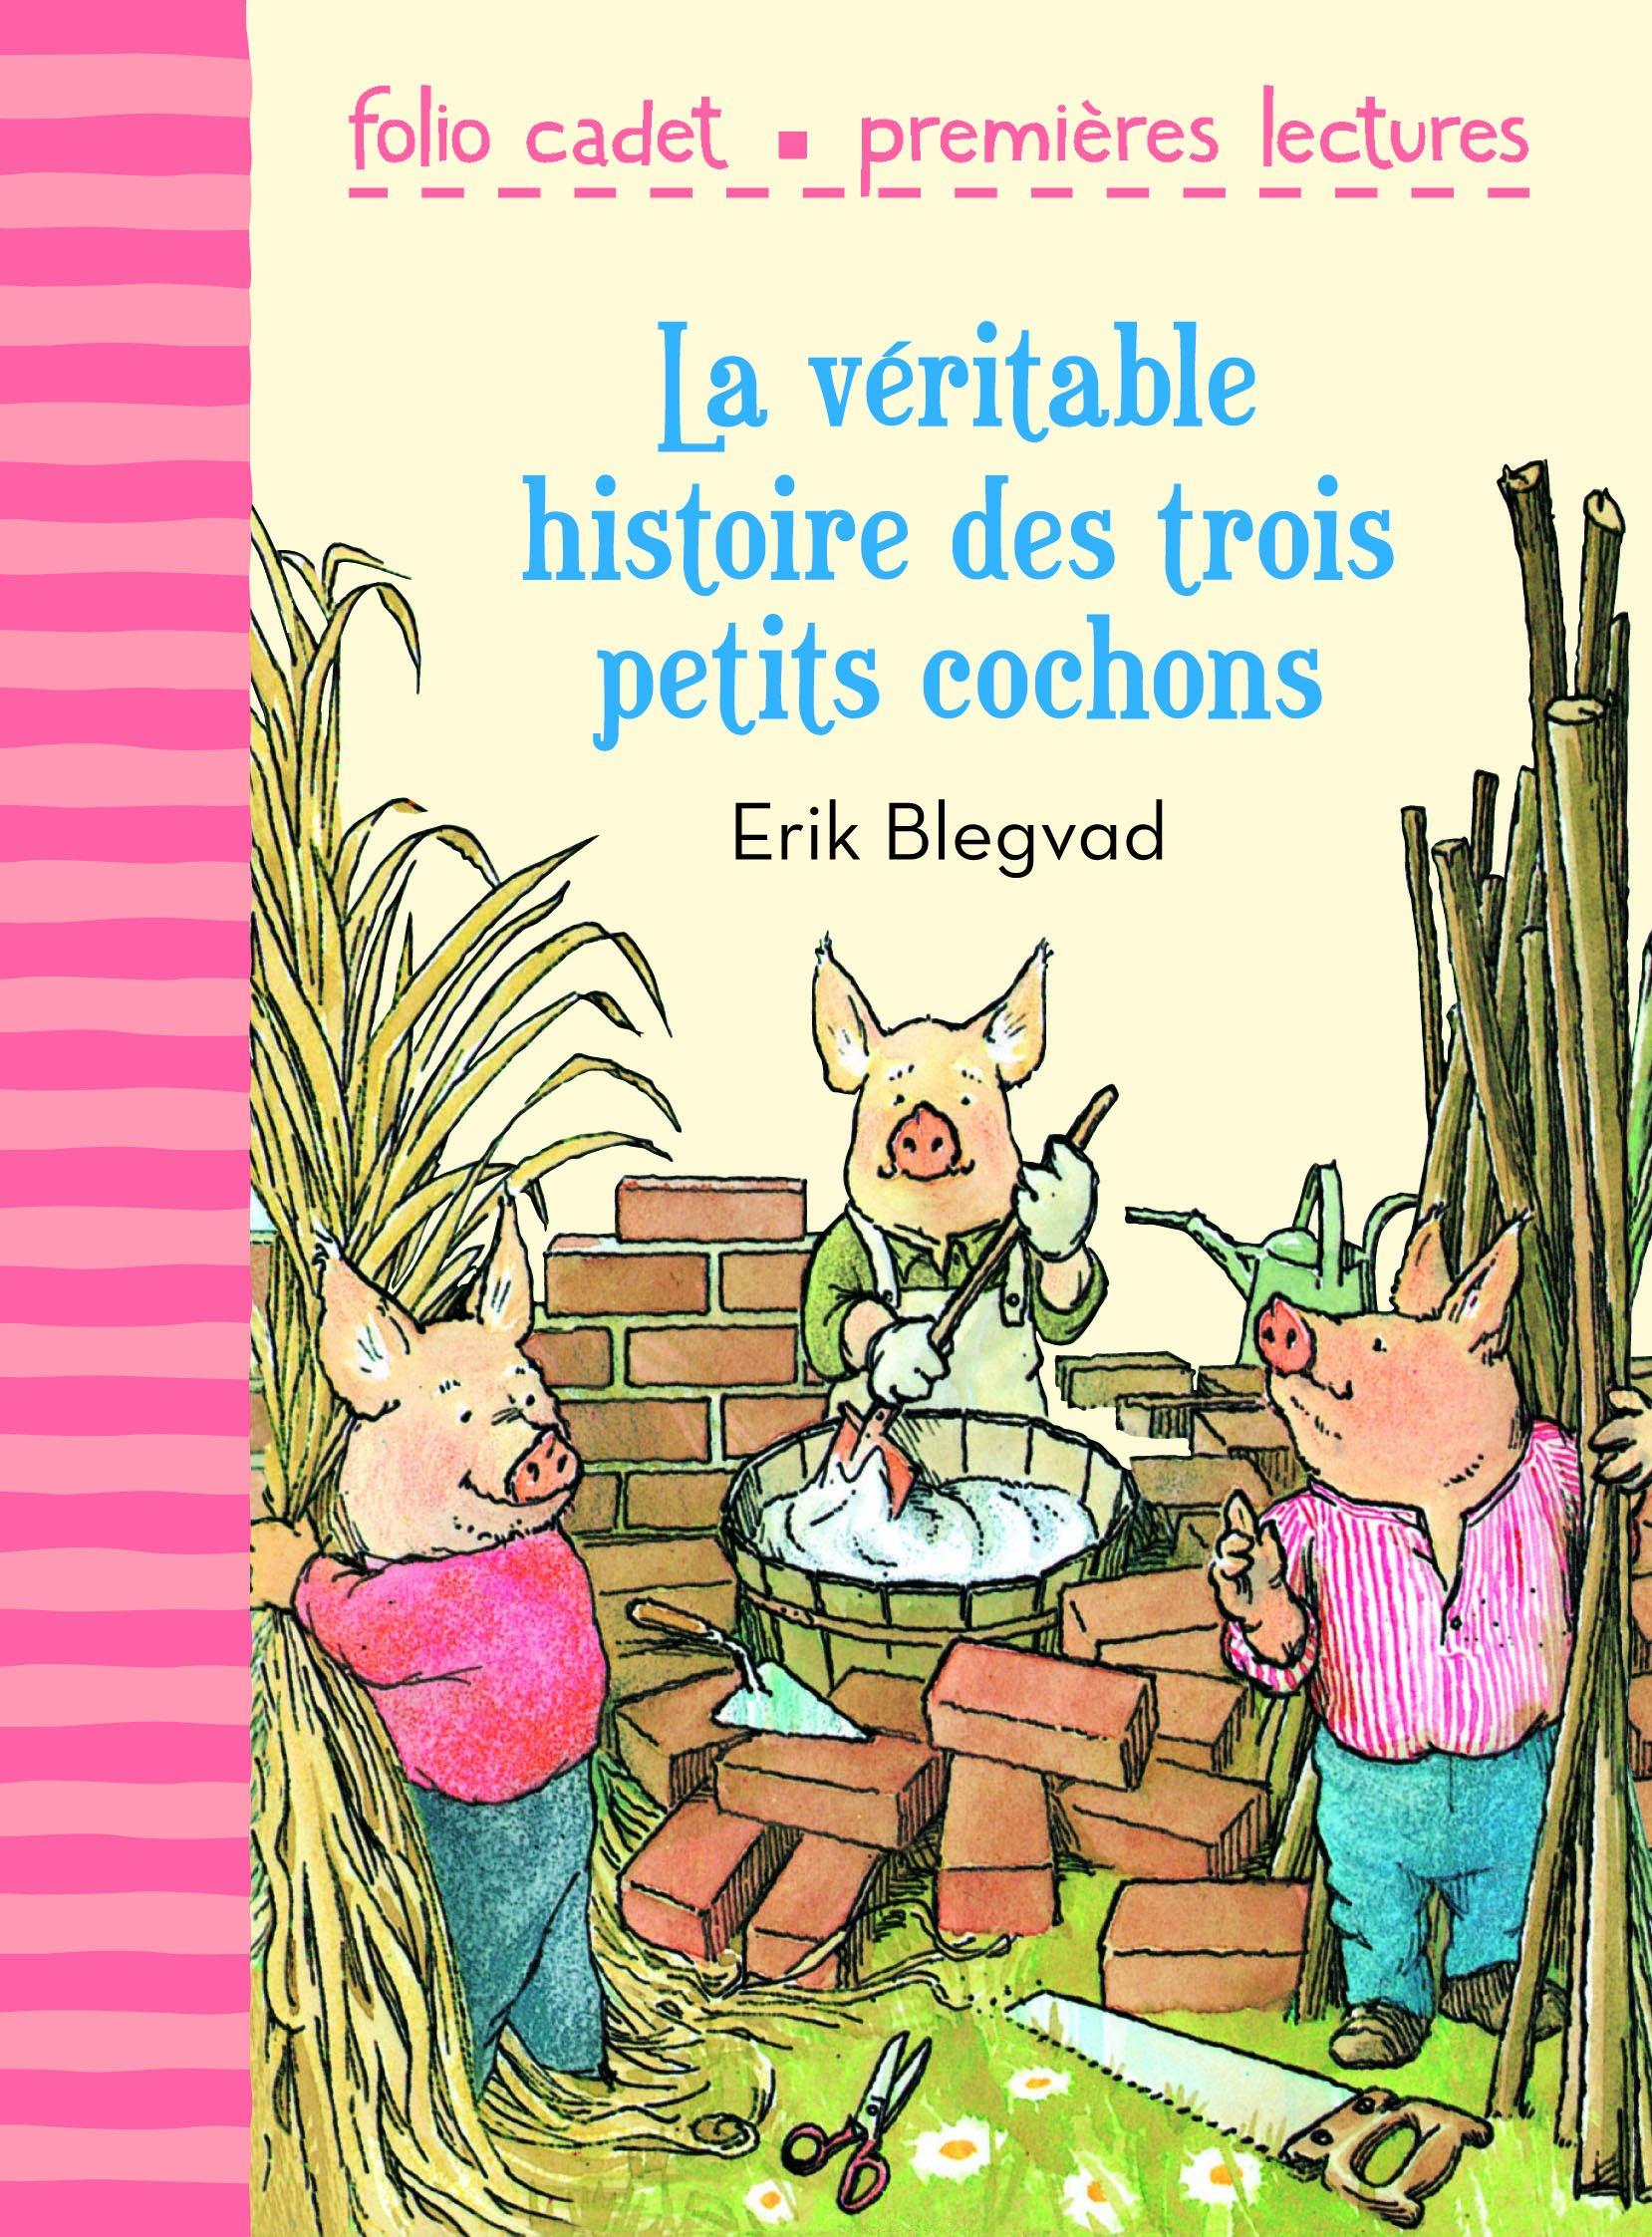 amazon fr la véritable histoire des trois petits cochons erik